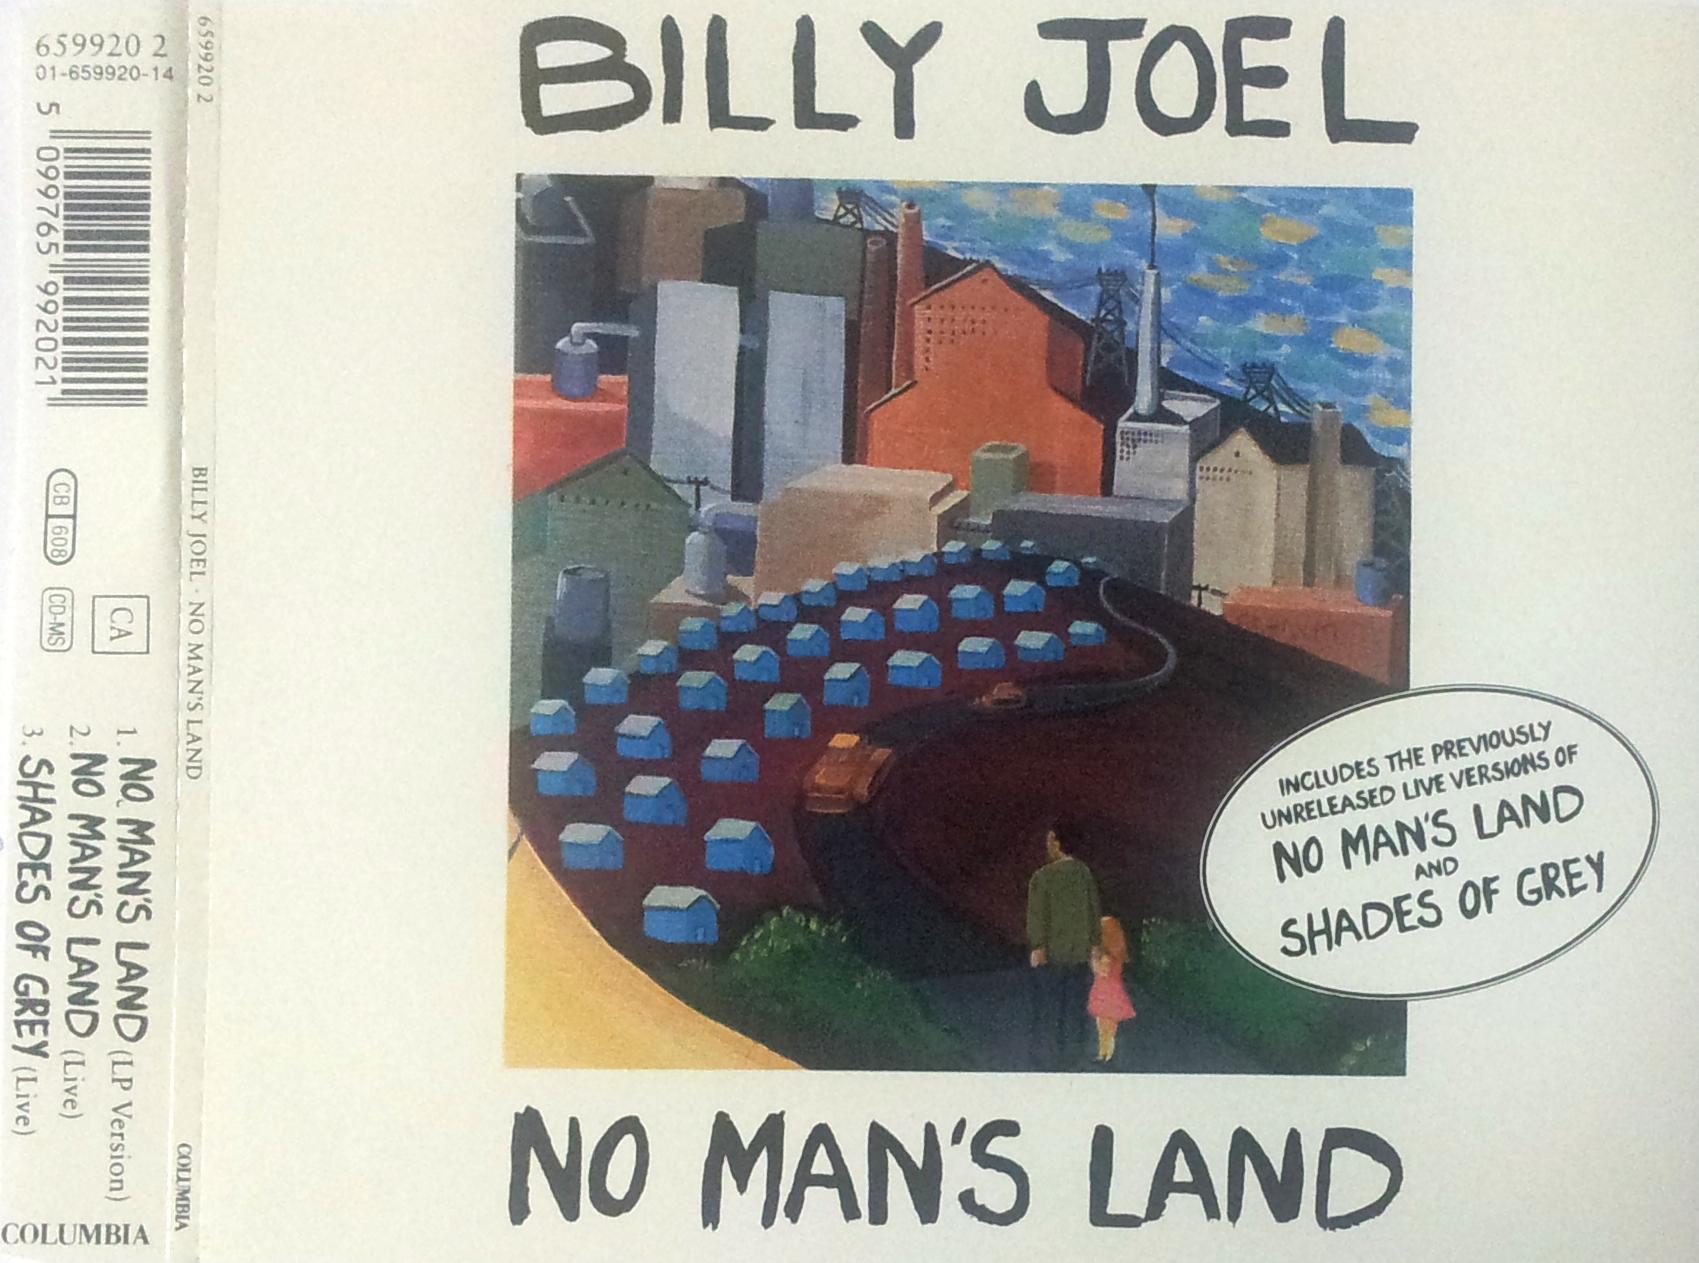 No man's land / Shades of grey